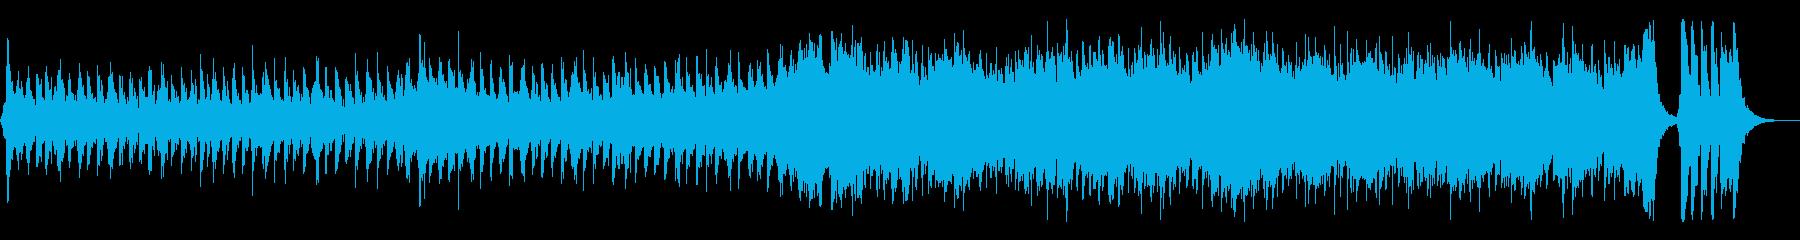 オーケストラ/ゲームの戦闘・戦争ものにの再生済みの波形